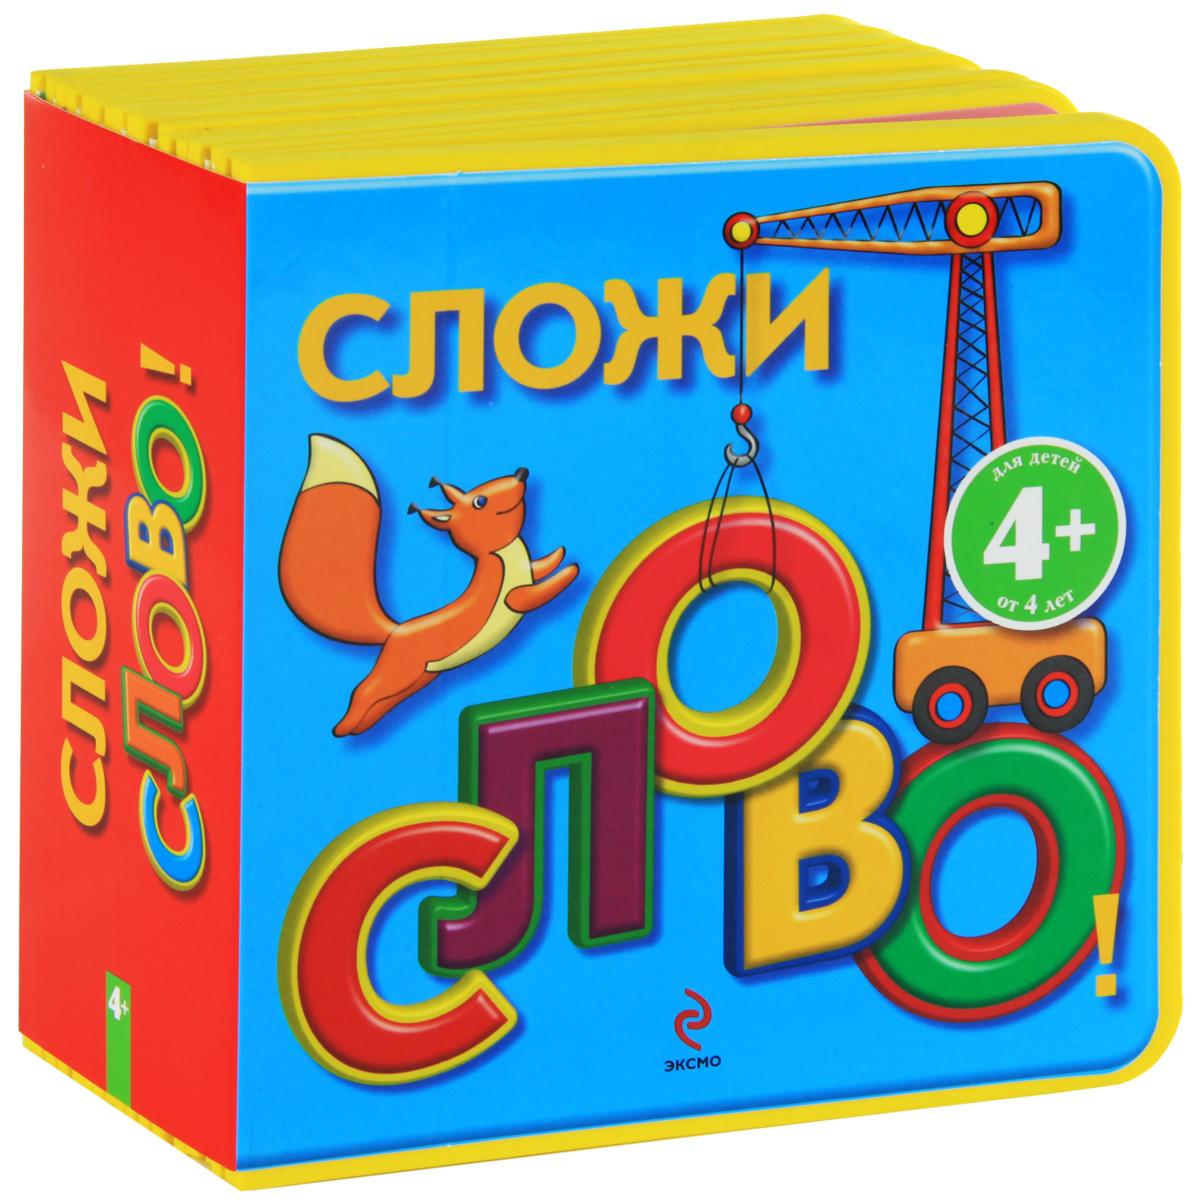 Сложи слово! Книжка-игрушка